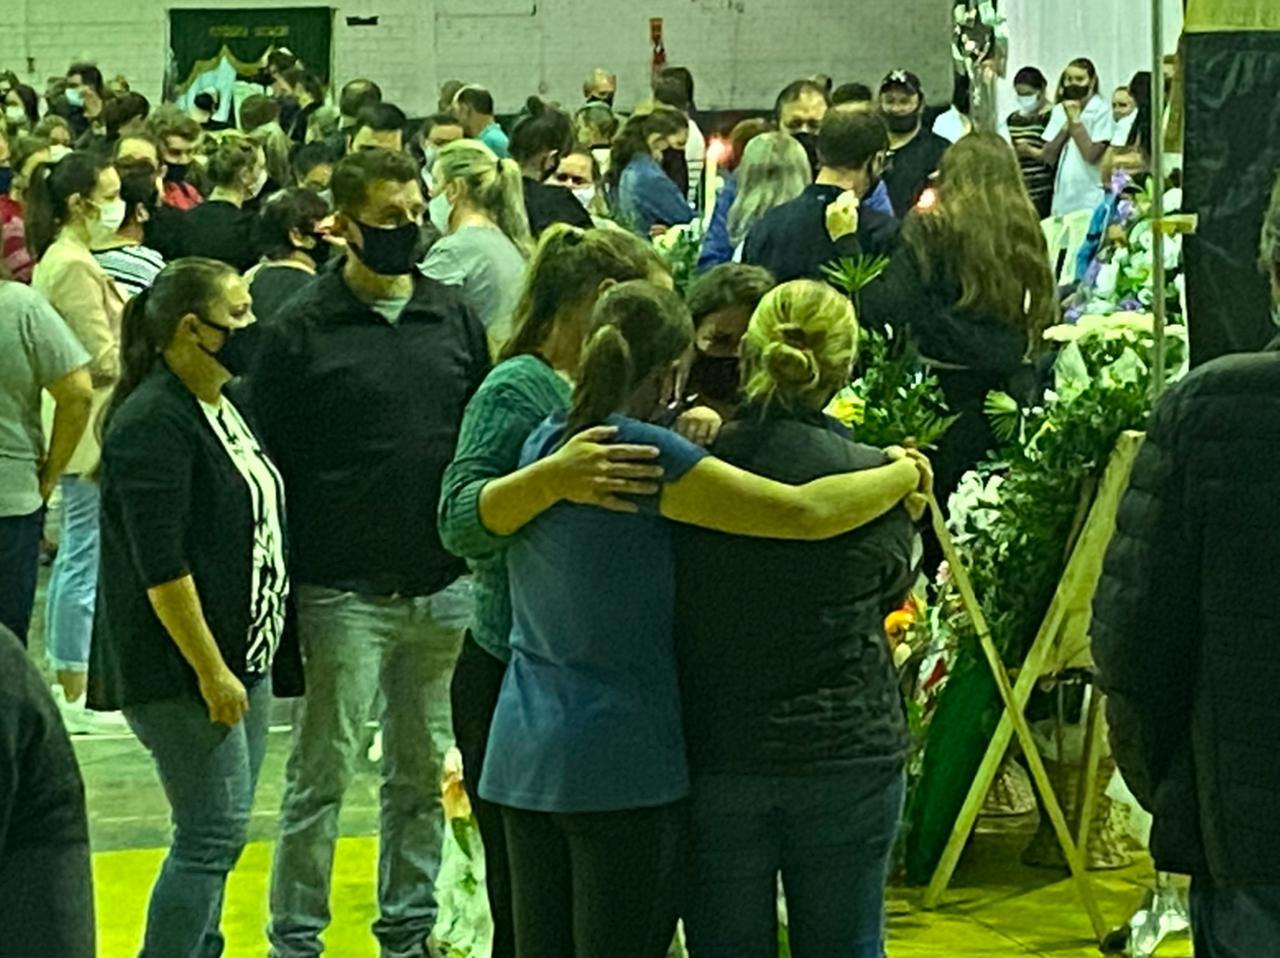 Carinho e conforto são levados às famílias que perderam seus entes queridos durante o ataque em escola de Saudades - Willian Ricardo/ND